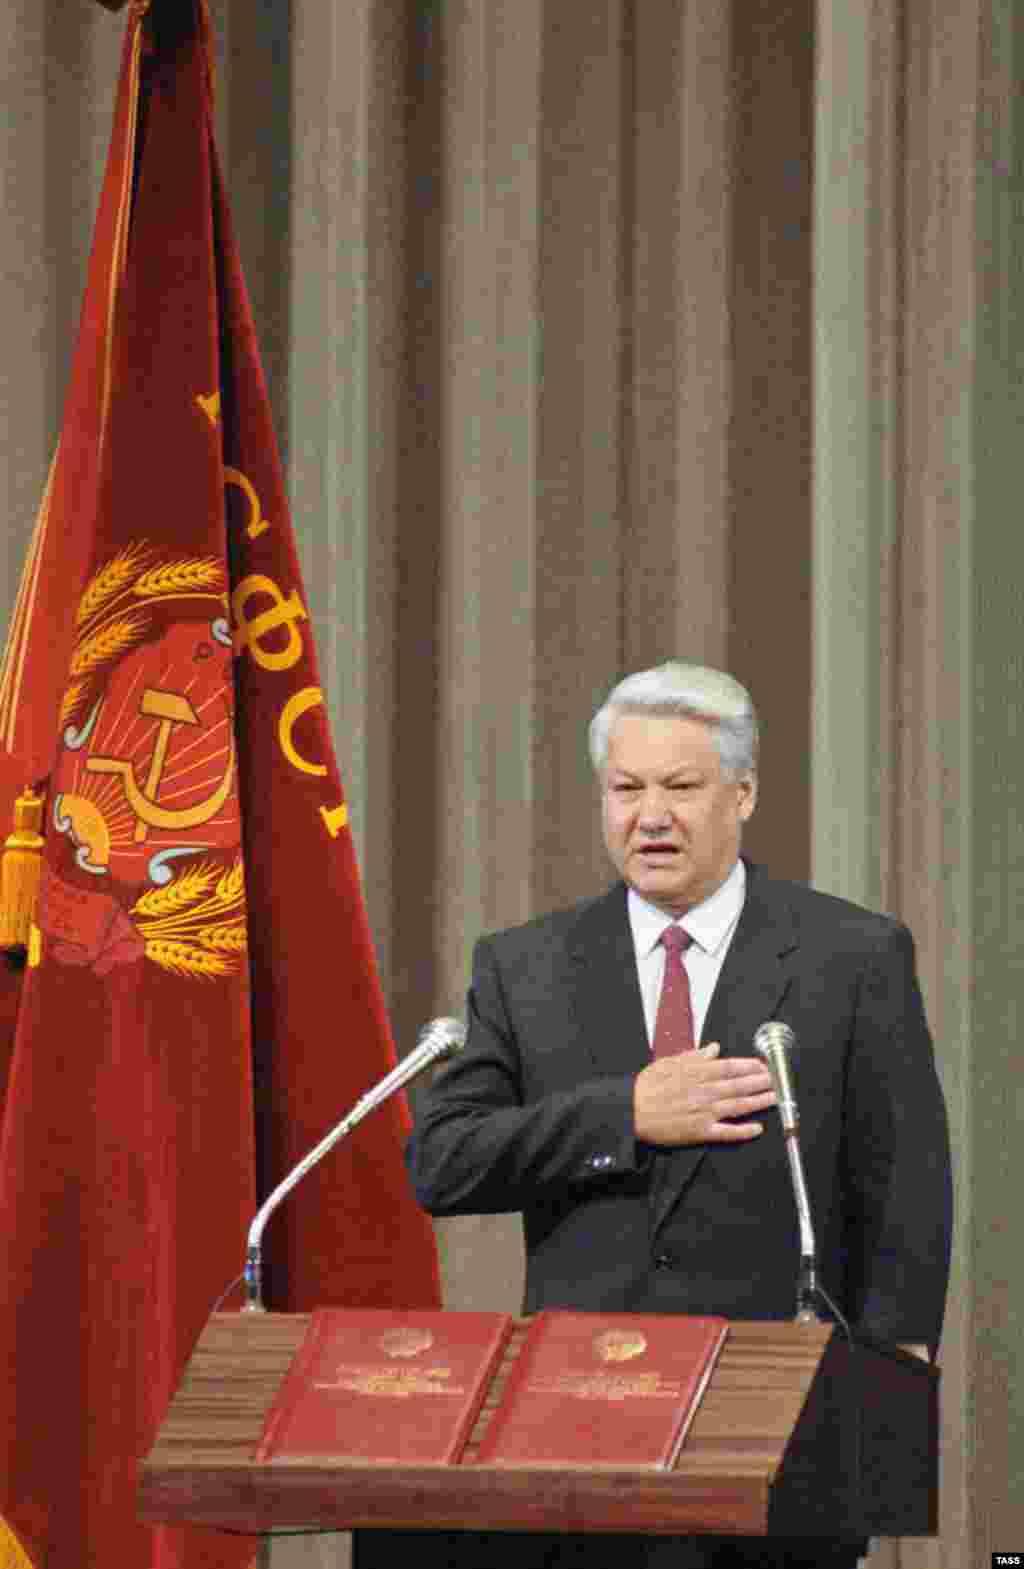 Інаугурація Президента РРФCР Бориса Єльцина, 10 липня 1991 року